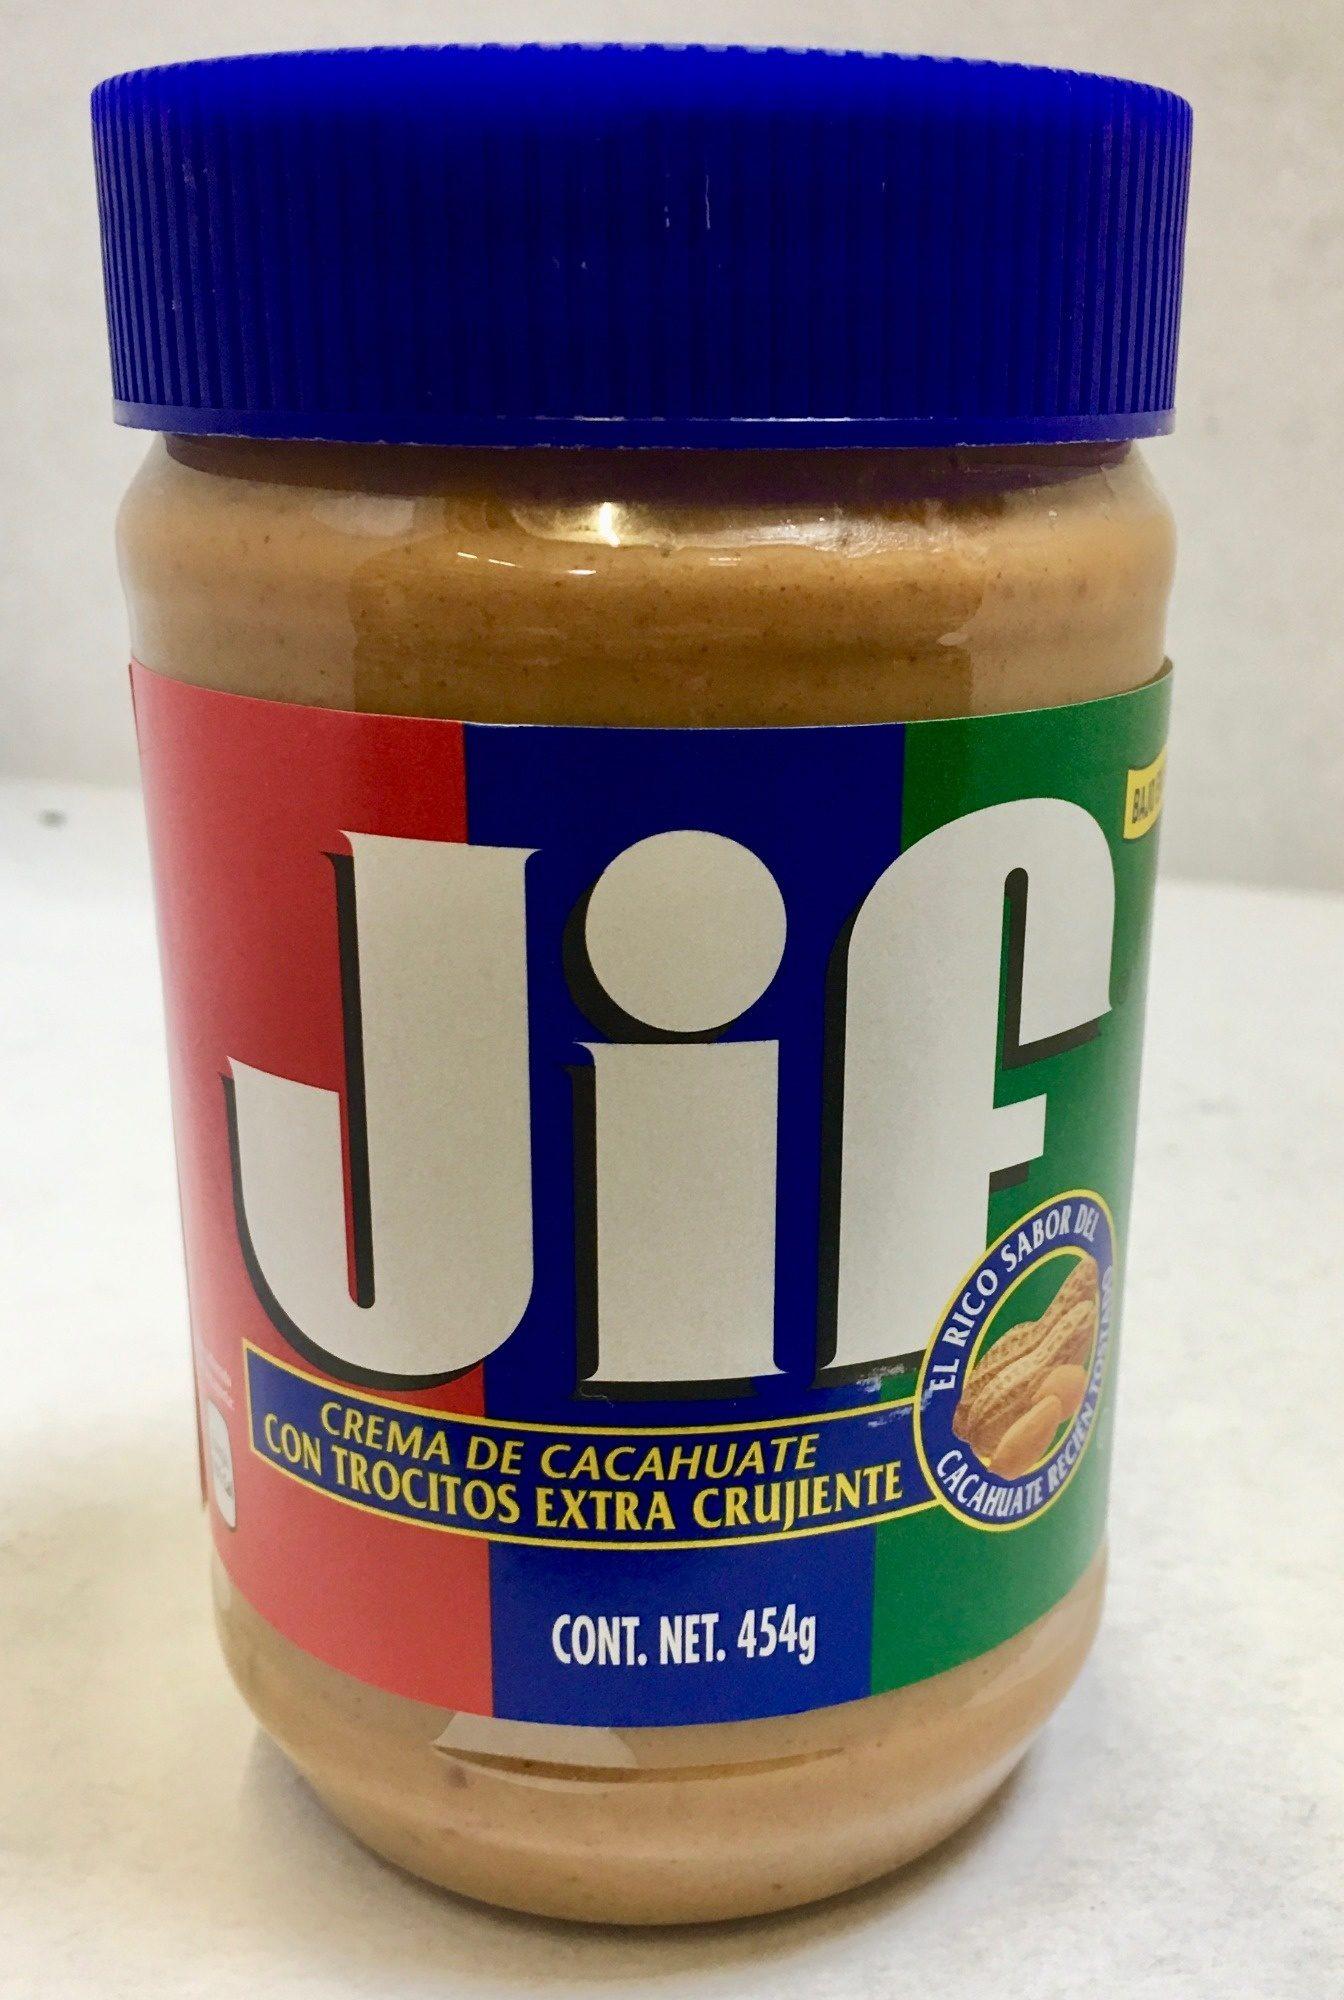 JIF crema de cacahuate con trocitos extra crujiente - Product - es